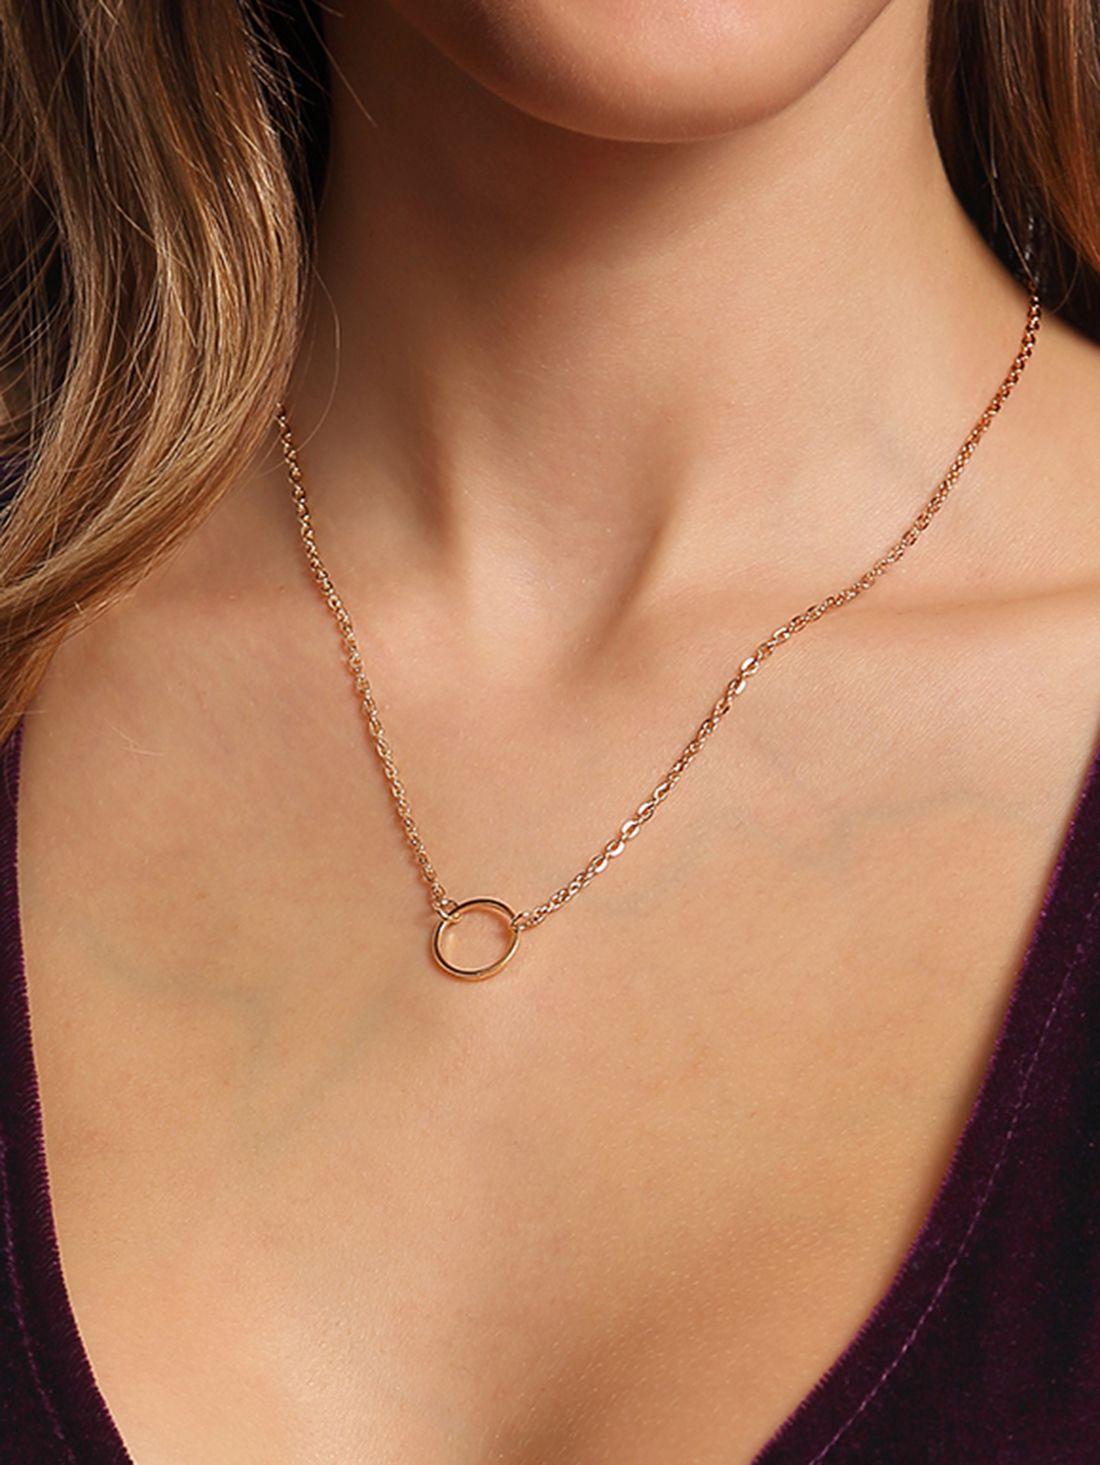 651861a5a8a6 Collar anillo cadena enlace-(Sheinside)